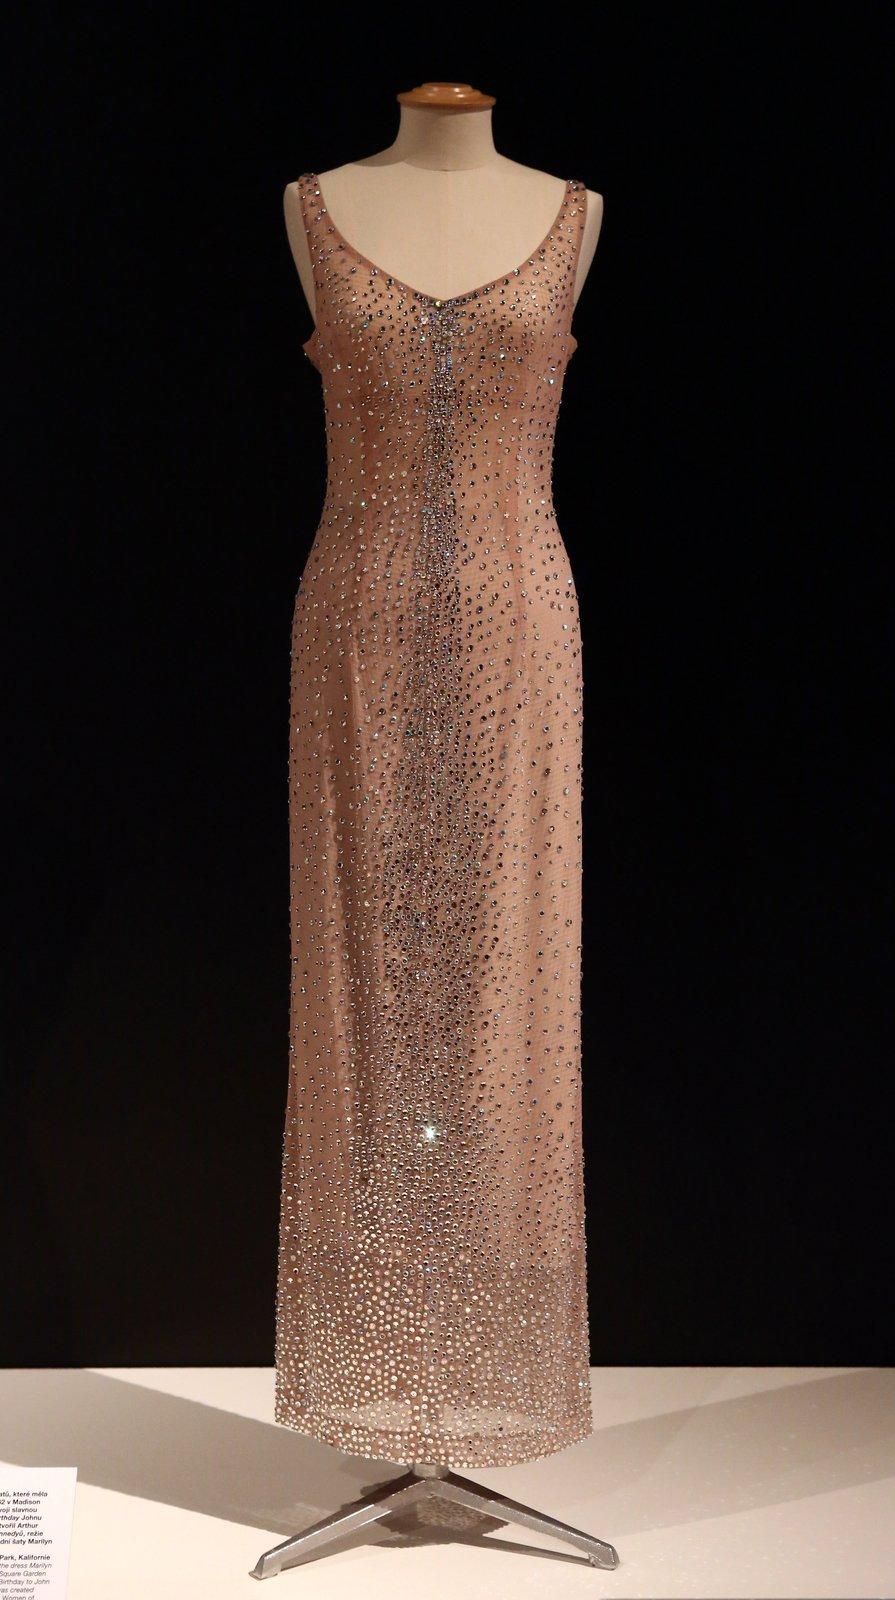 Replika šatů, ve kterých zpívala Happy Birthday americkému prezidentku JF Kennedymu. Originál za 12 000 tisíc dolarů (240 000 korun) byl prý tak těsný, že šaty museli došít přímo na ní.